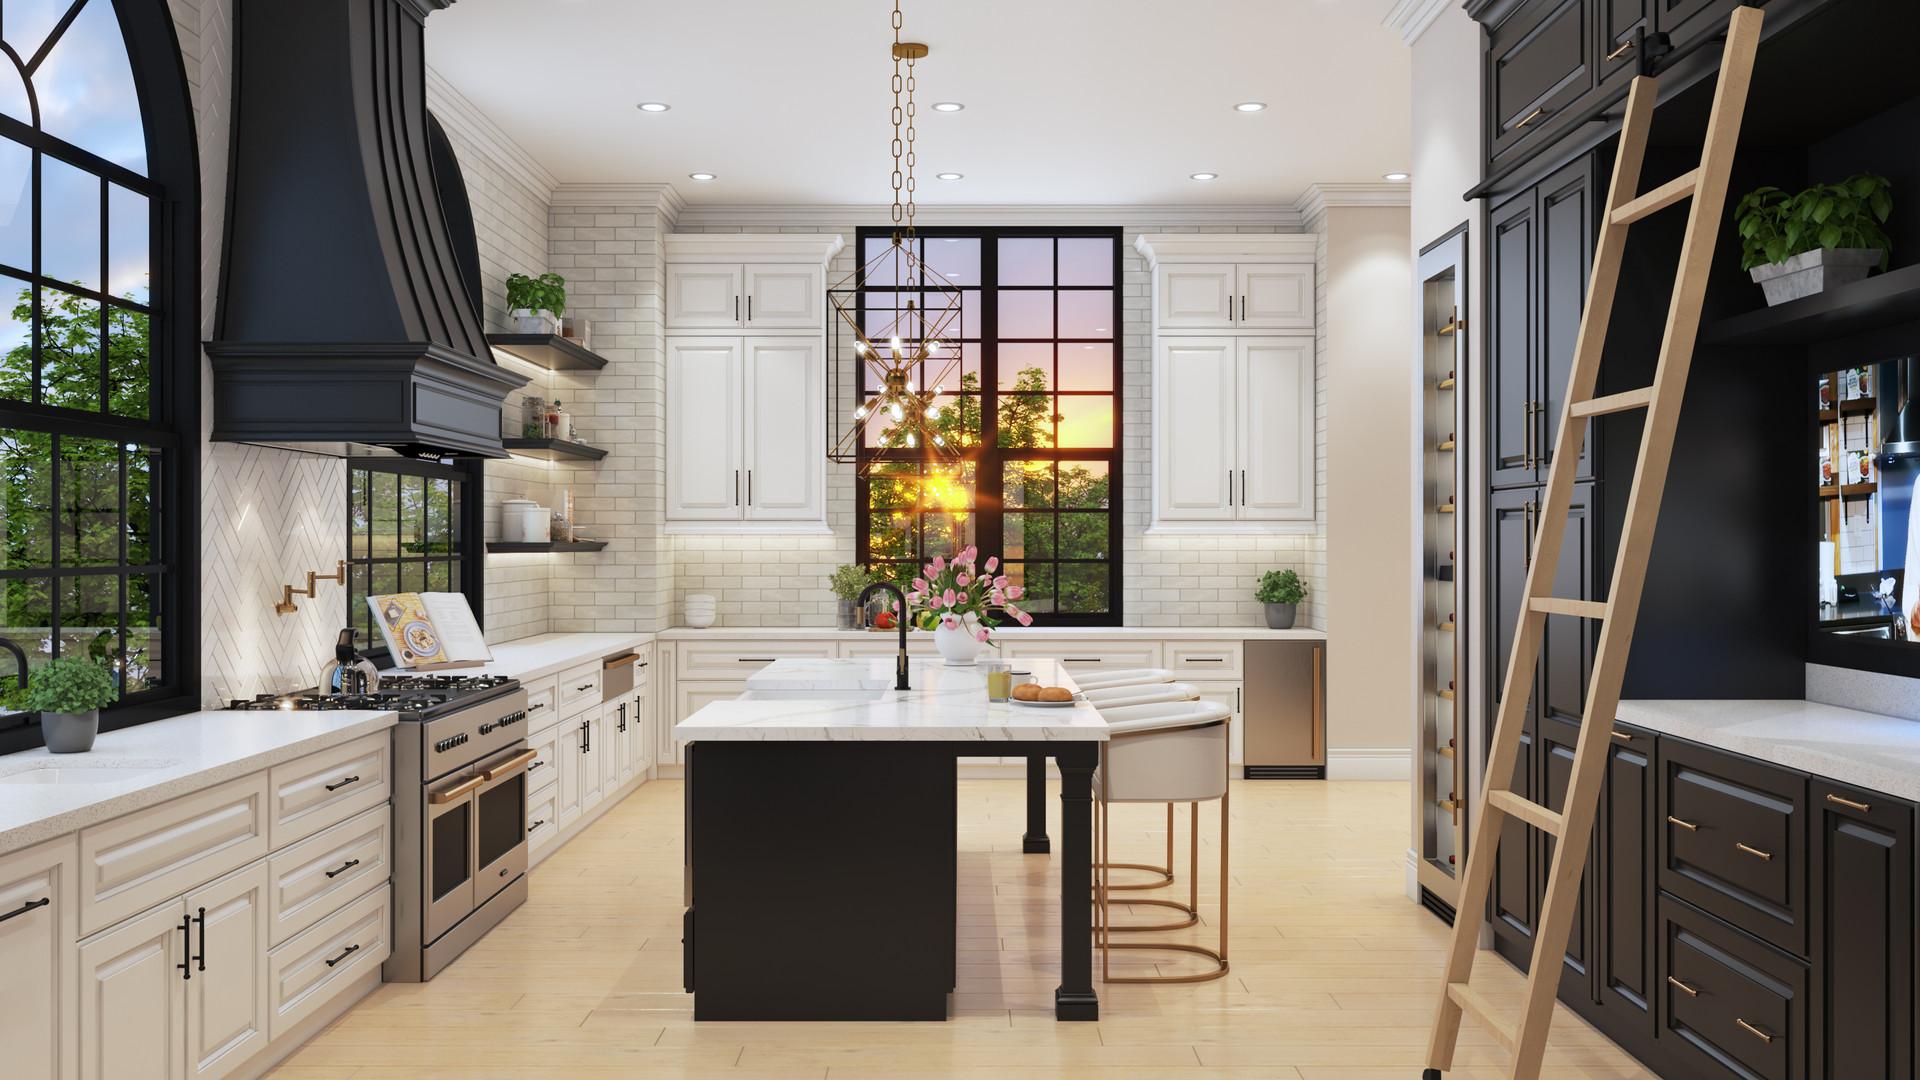 Kitchen View - Three